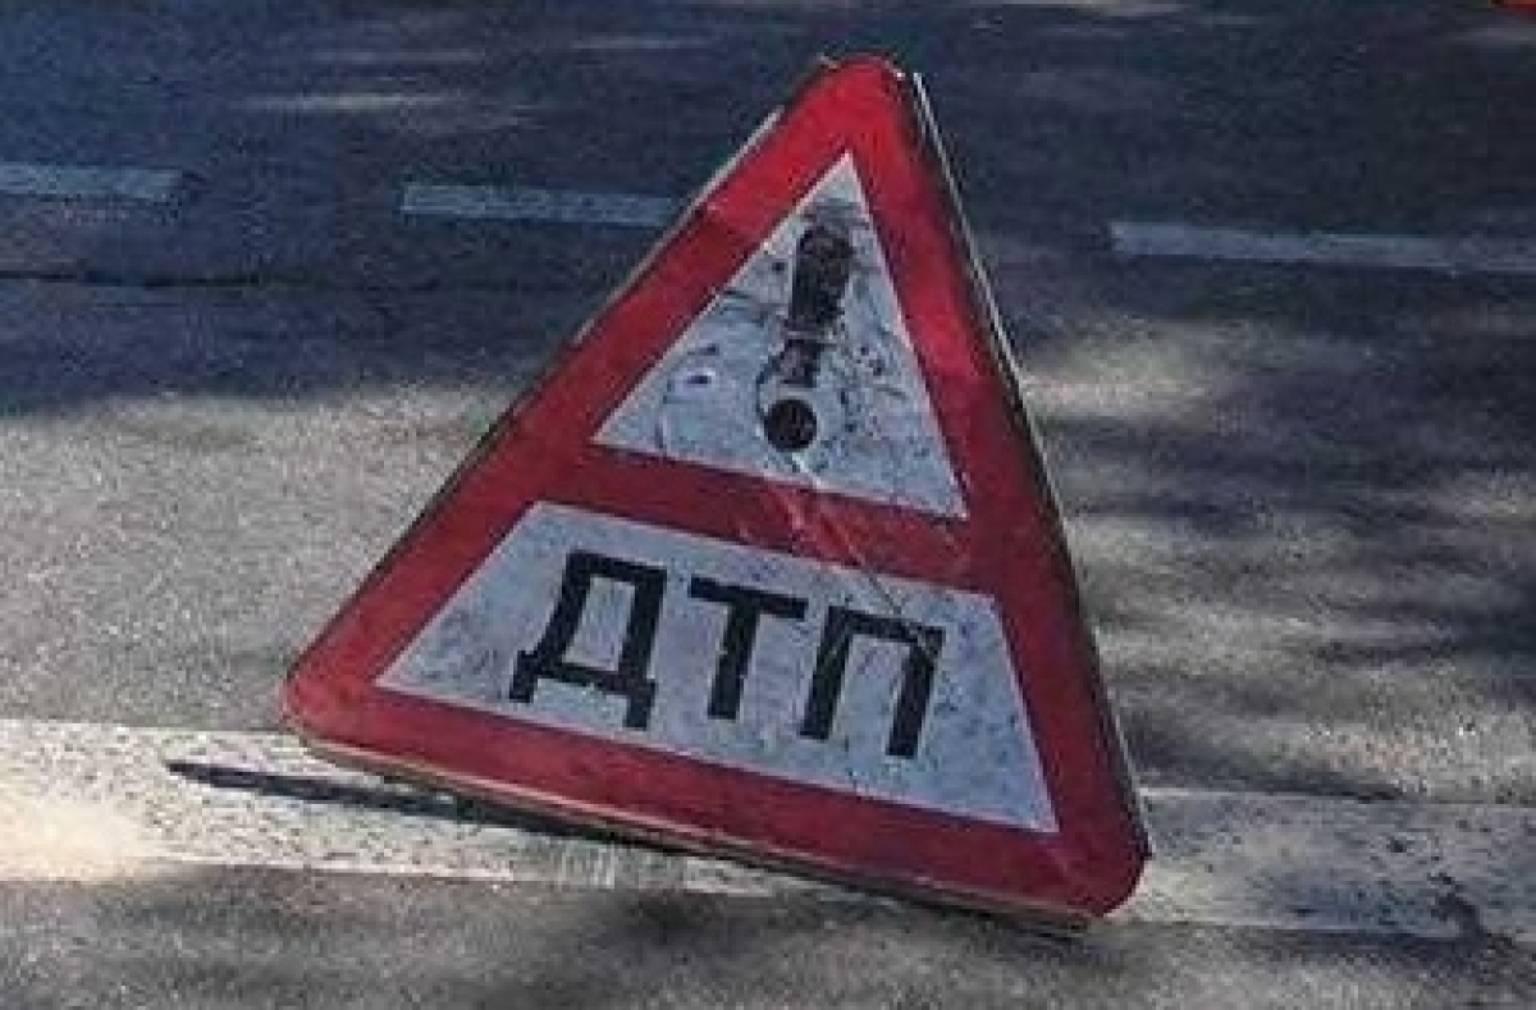 В Херсоне ДТП: Иногда вежливость на дороге чревата - пропустил пешехода, получил удар в зад (видео)